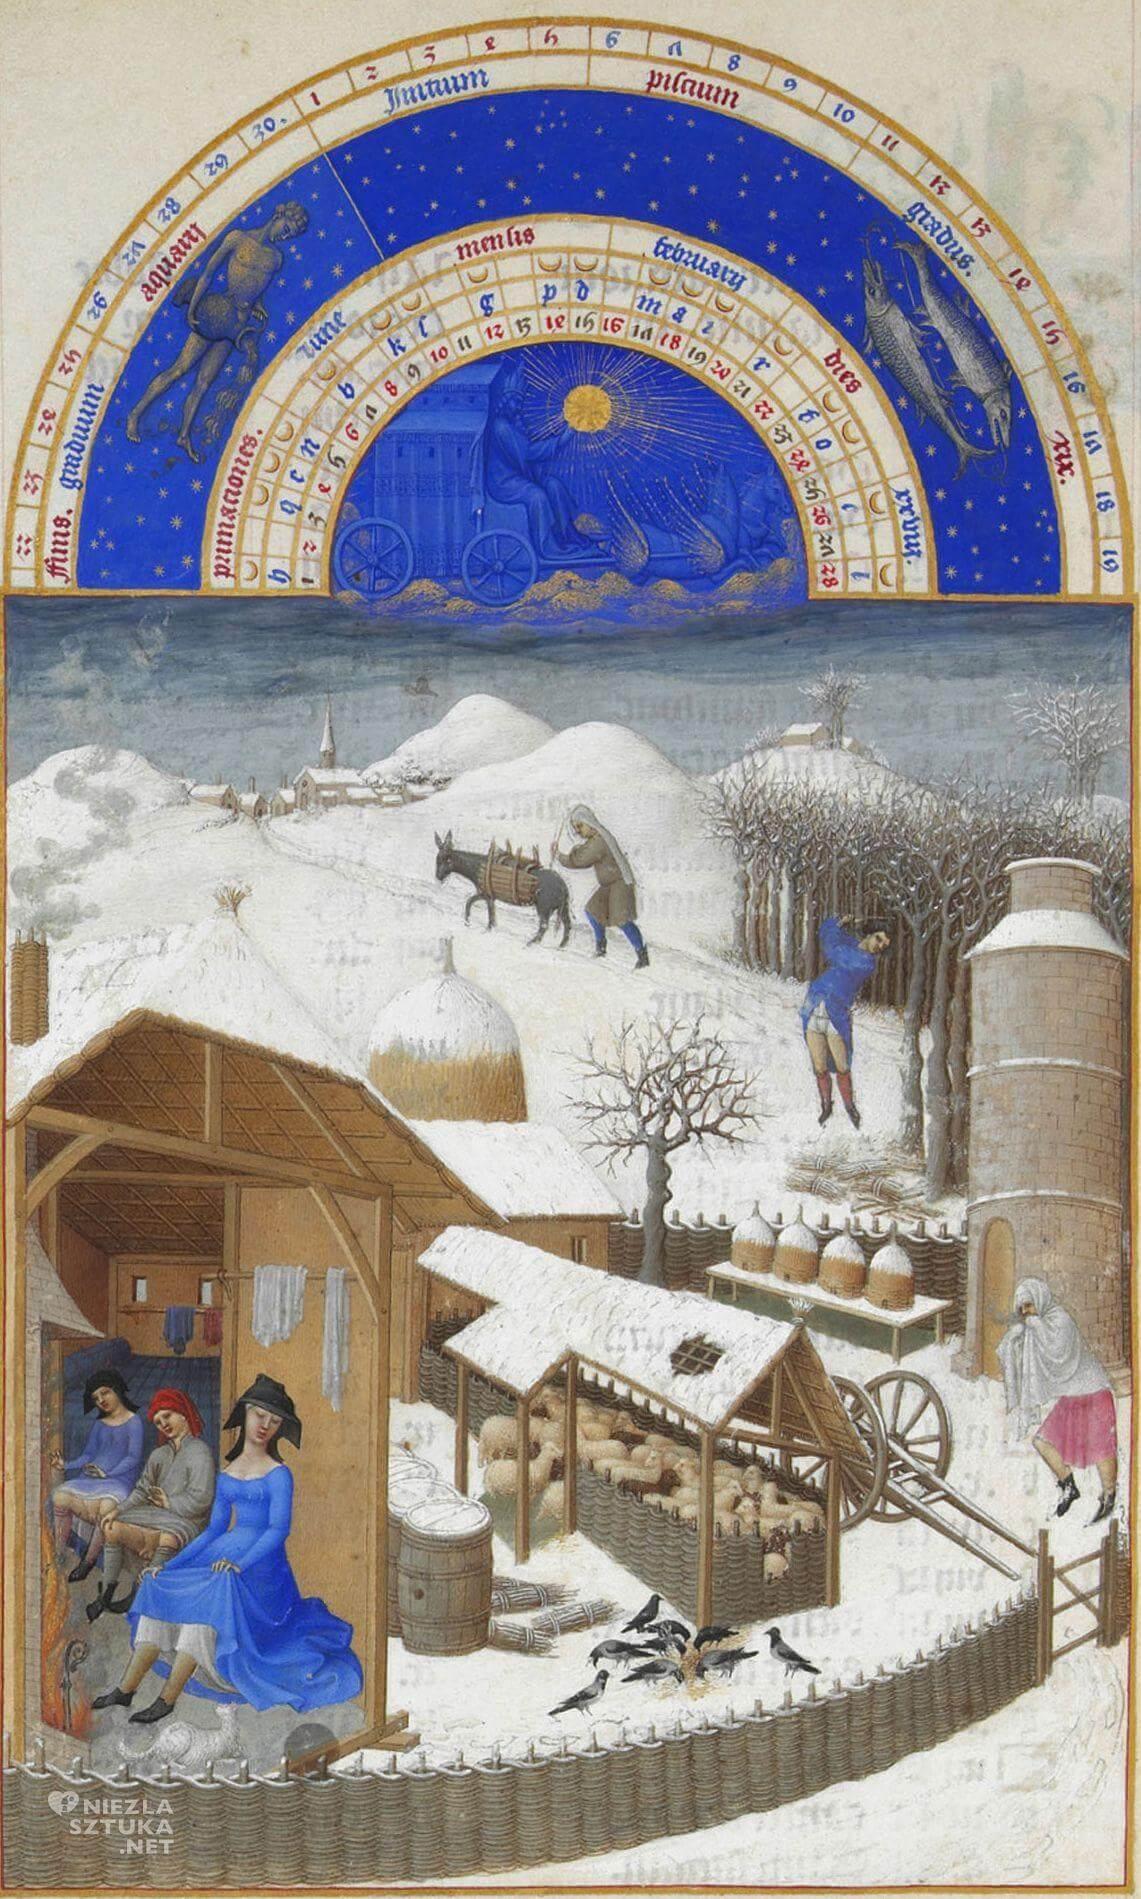 Bracia Limburg, Bardzo bogate godzinki księcia de Berry, Niezła sztuka